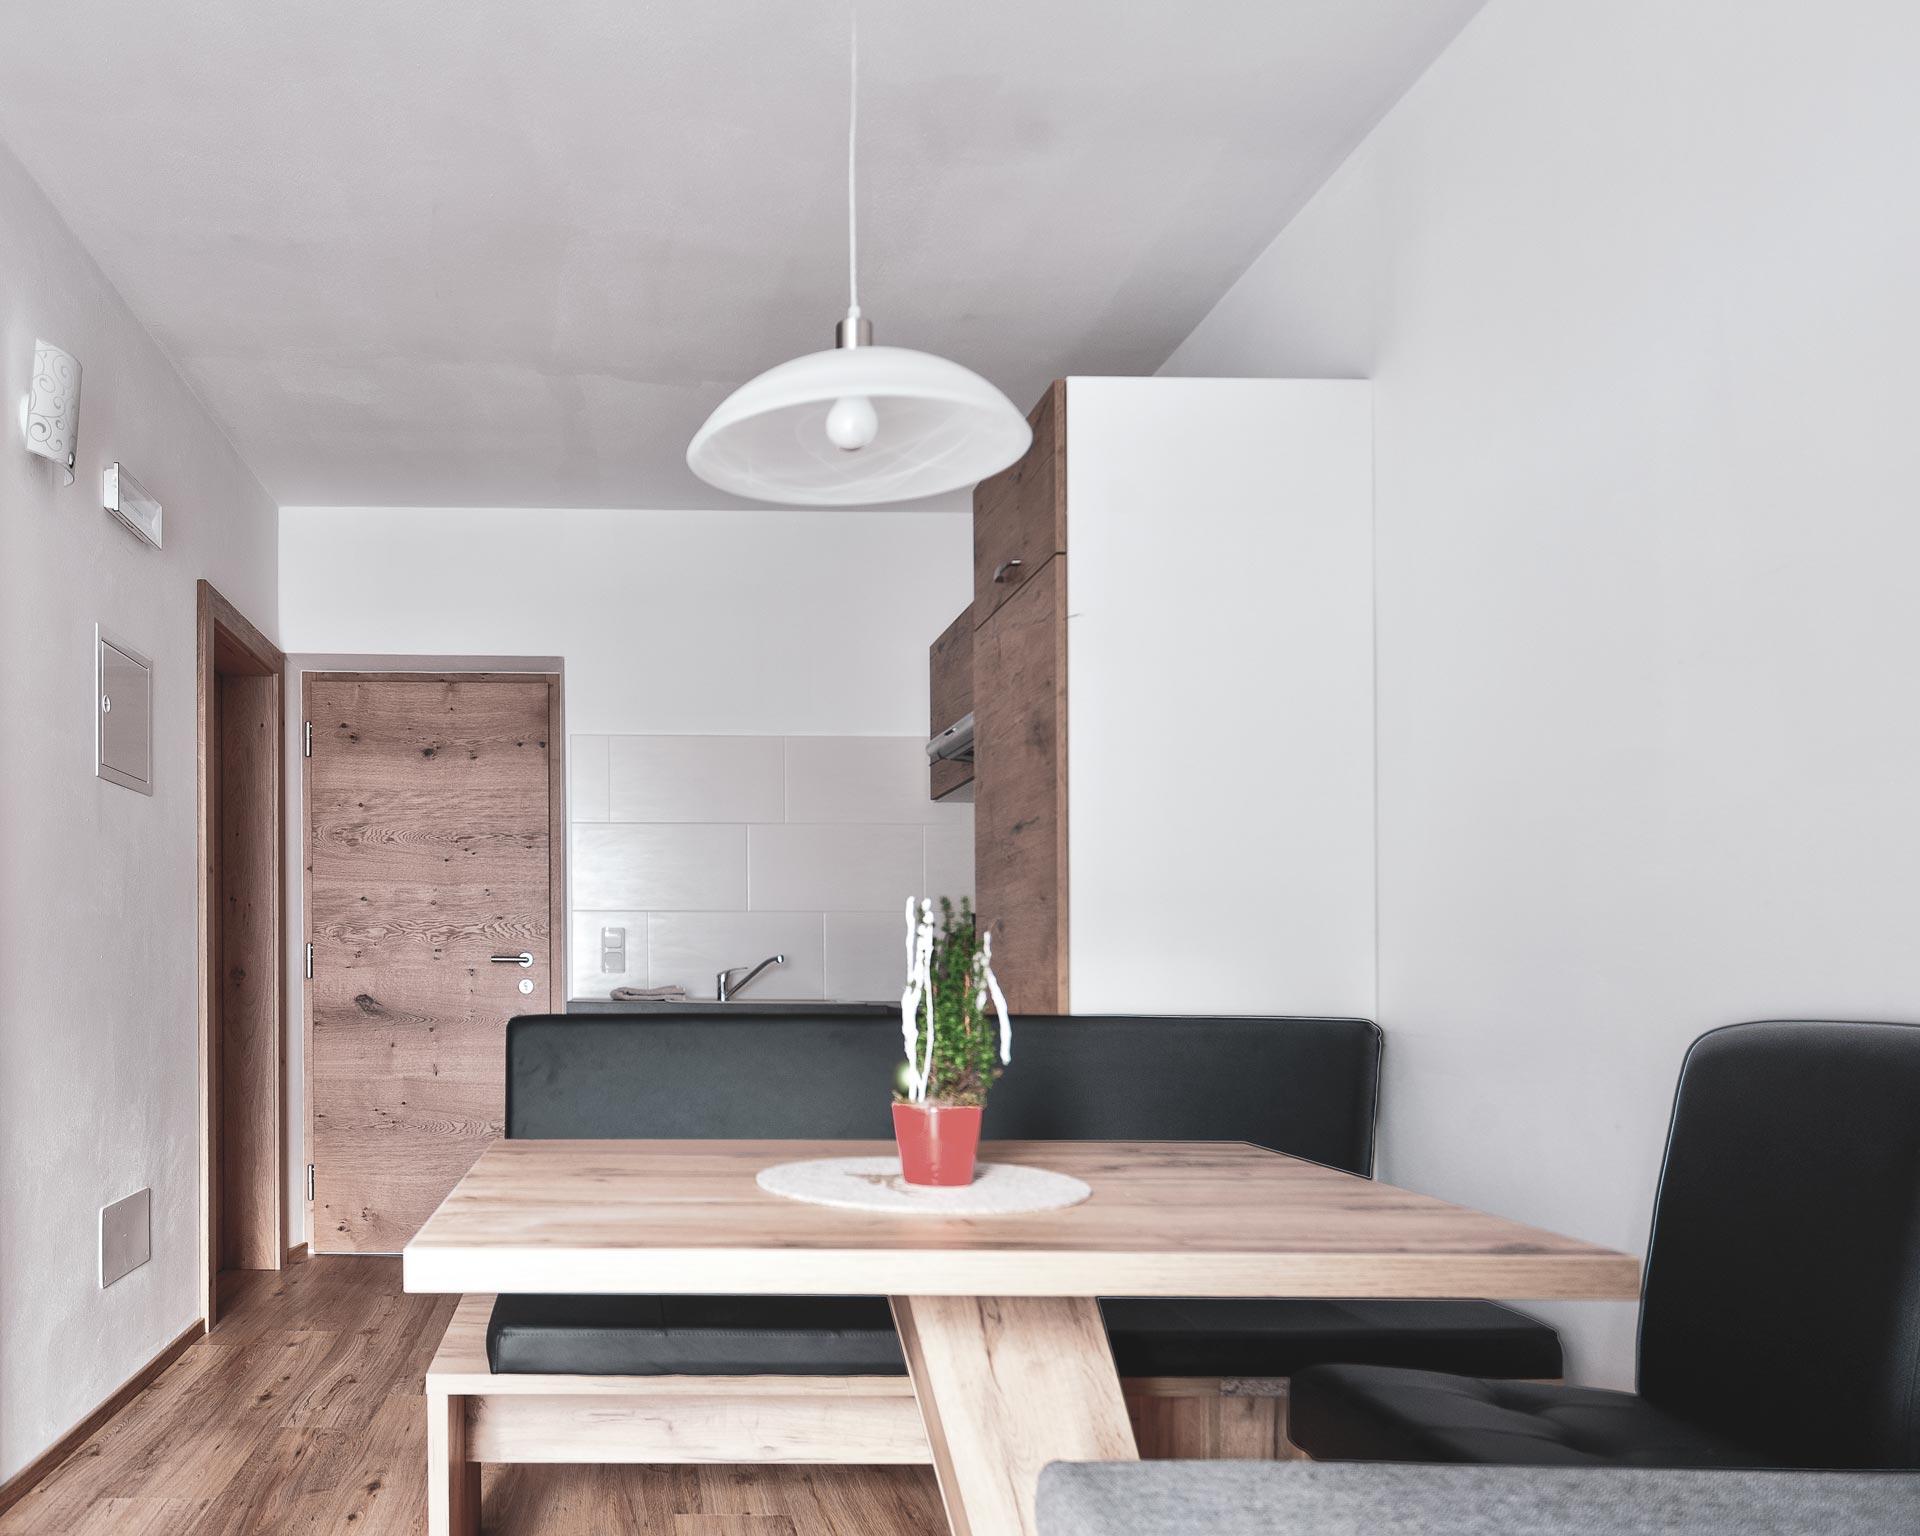 wohnkueche esstisch appartement ahornach pfarrwirt sand in taufers